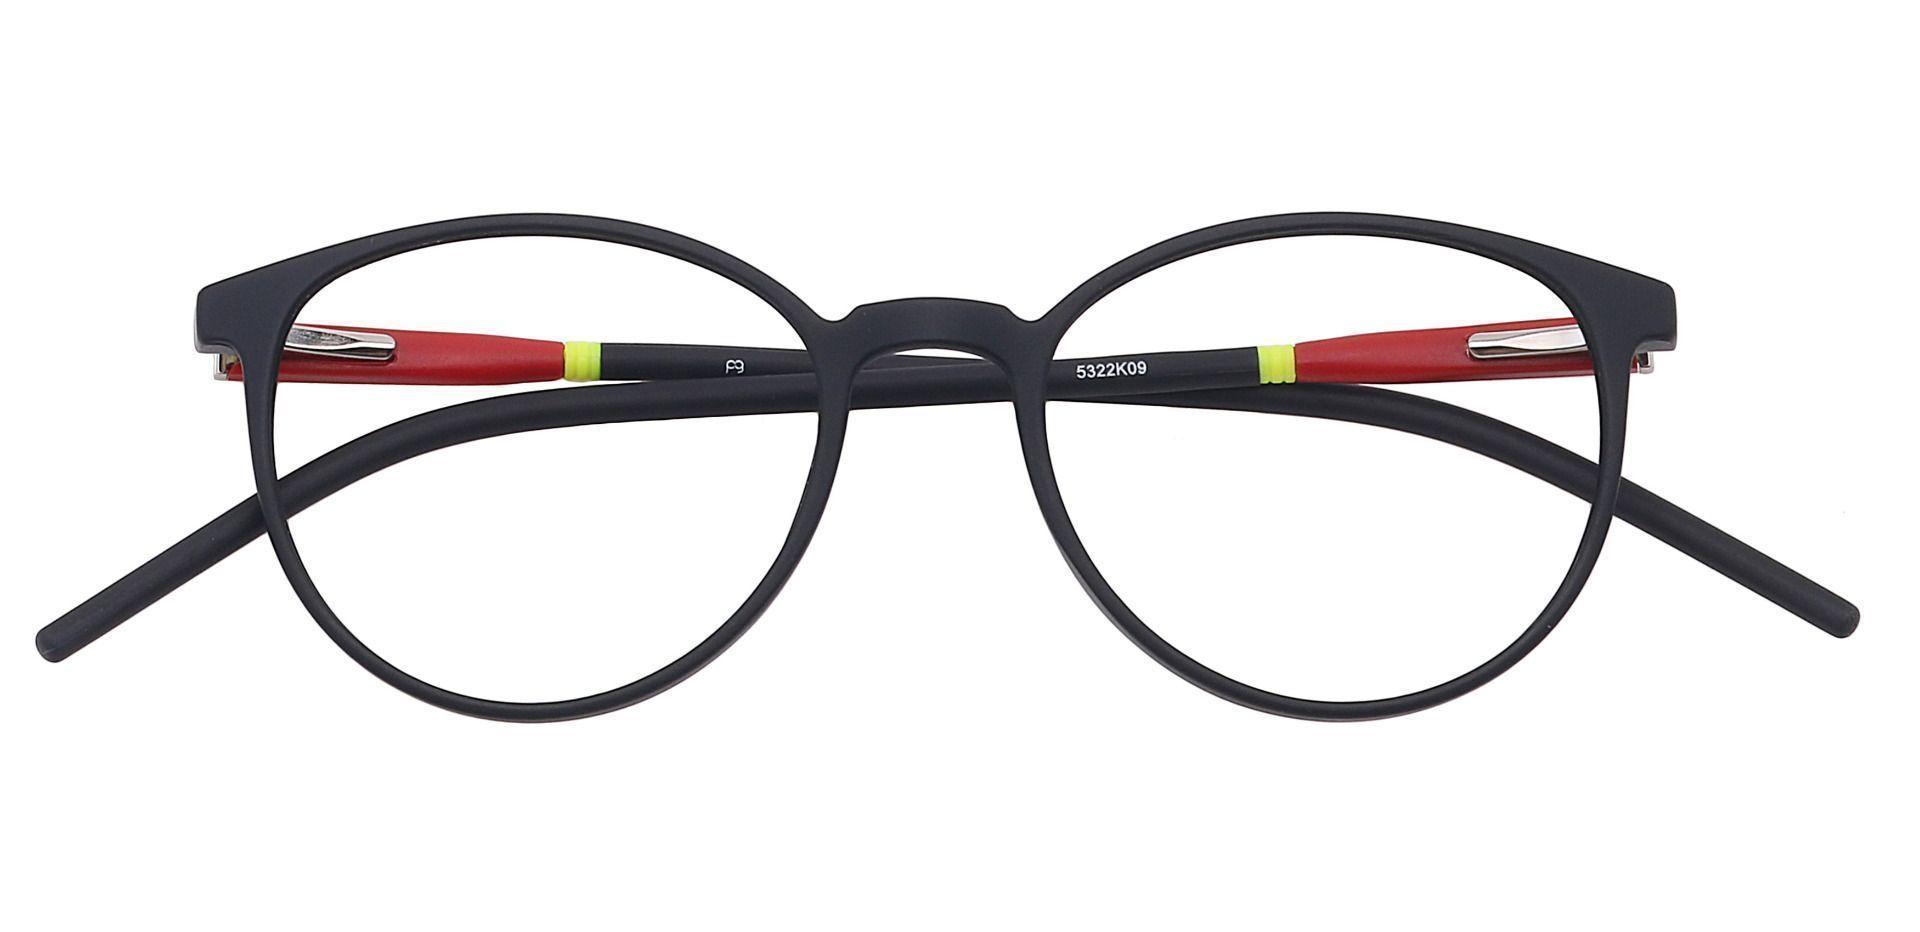 Vivi Round Prescription Glasses - Black